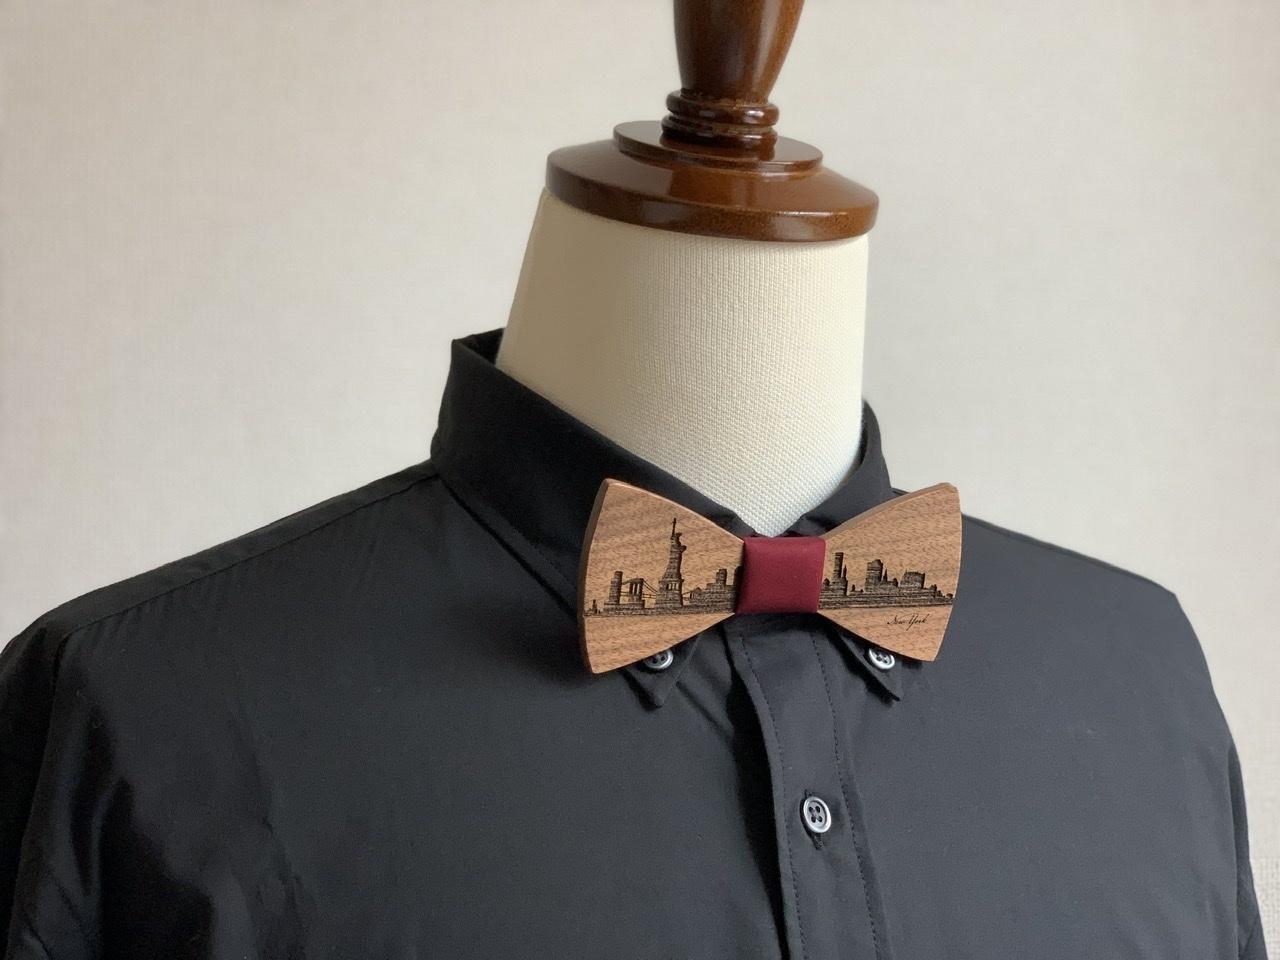 「NYの街並み」木製 蝶ネクタイ #CityContrast NY - 画像4